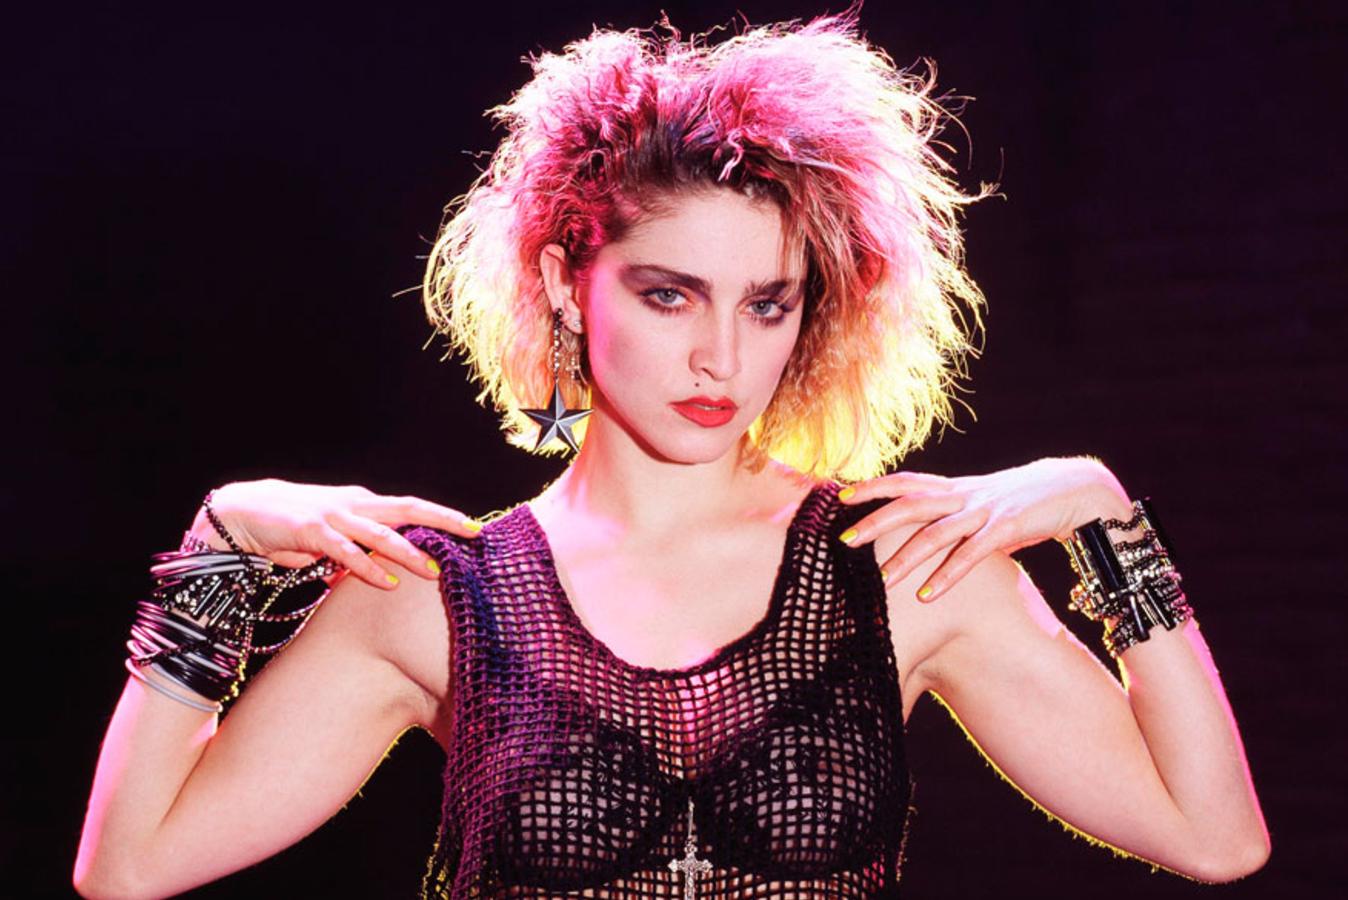 80s 1980s music fashion culture